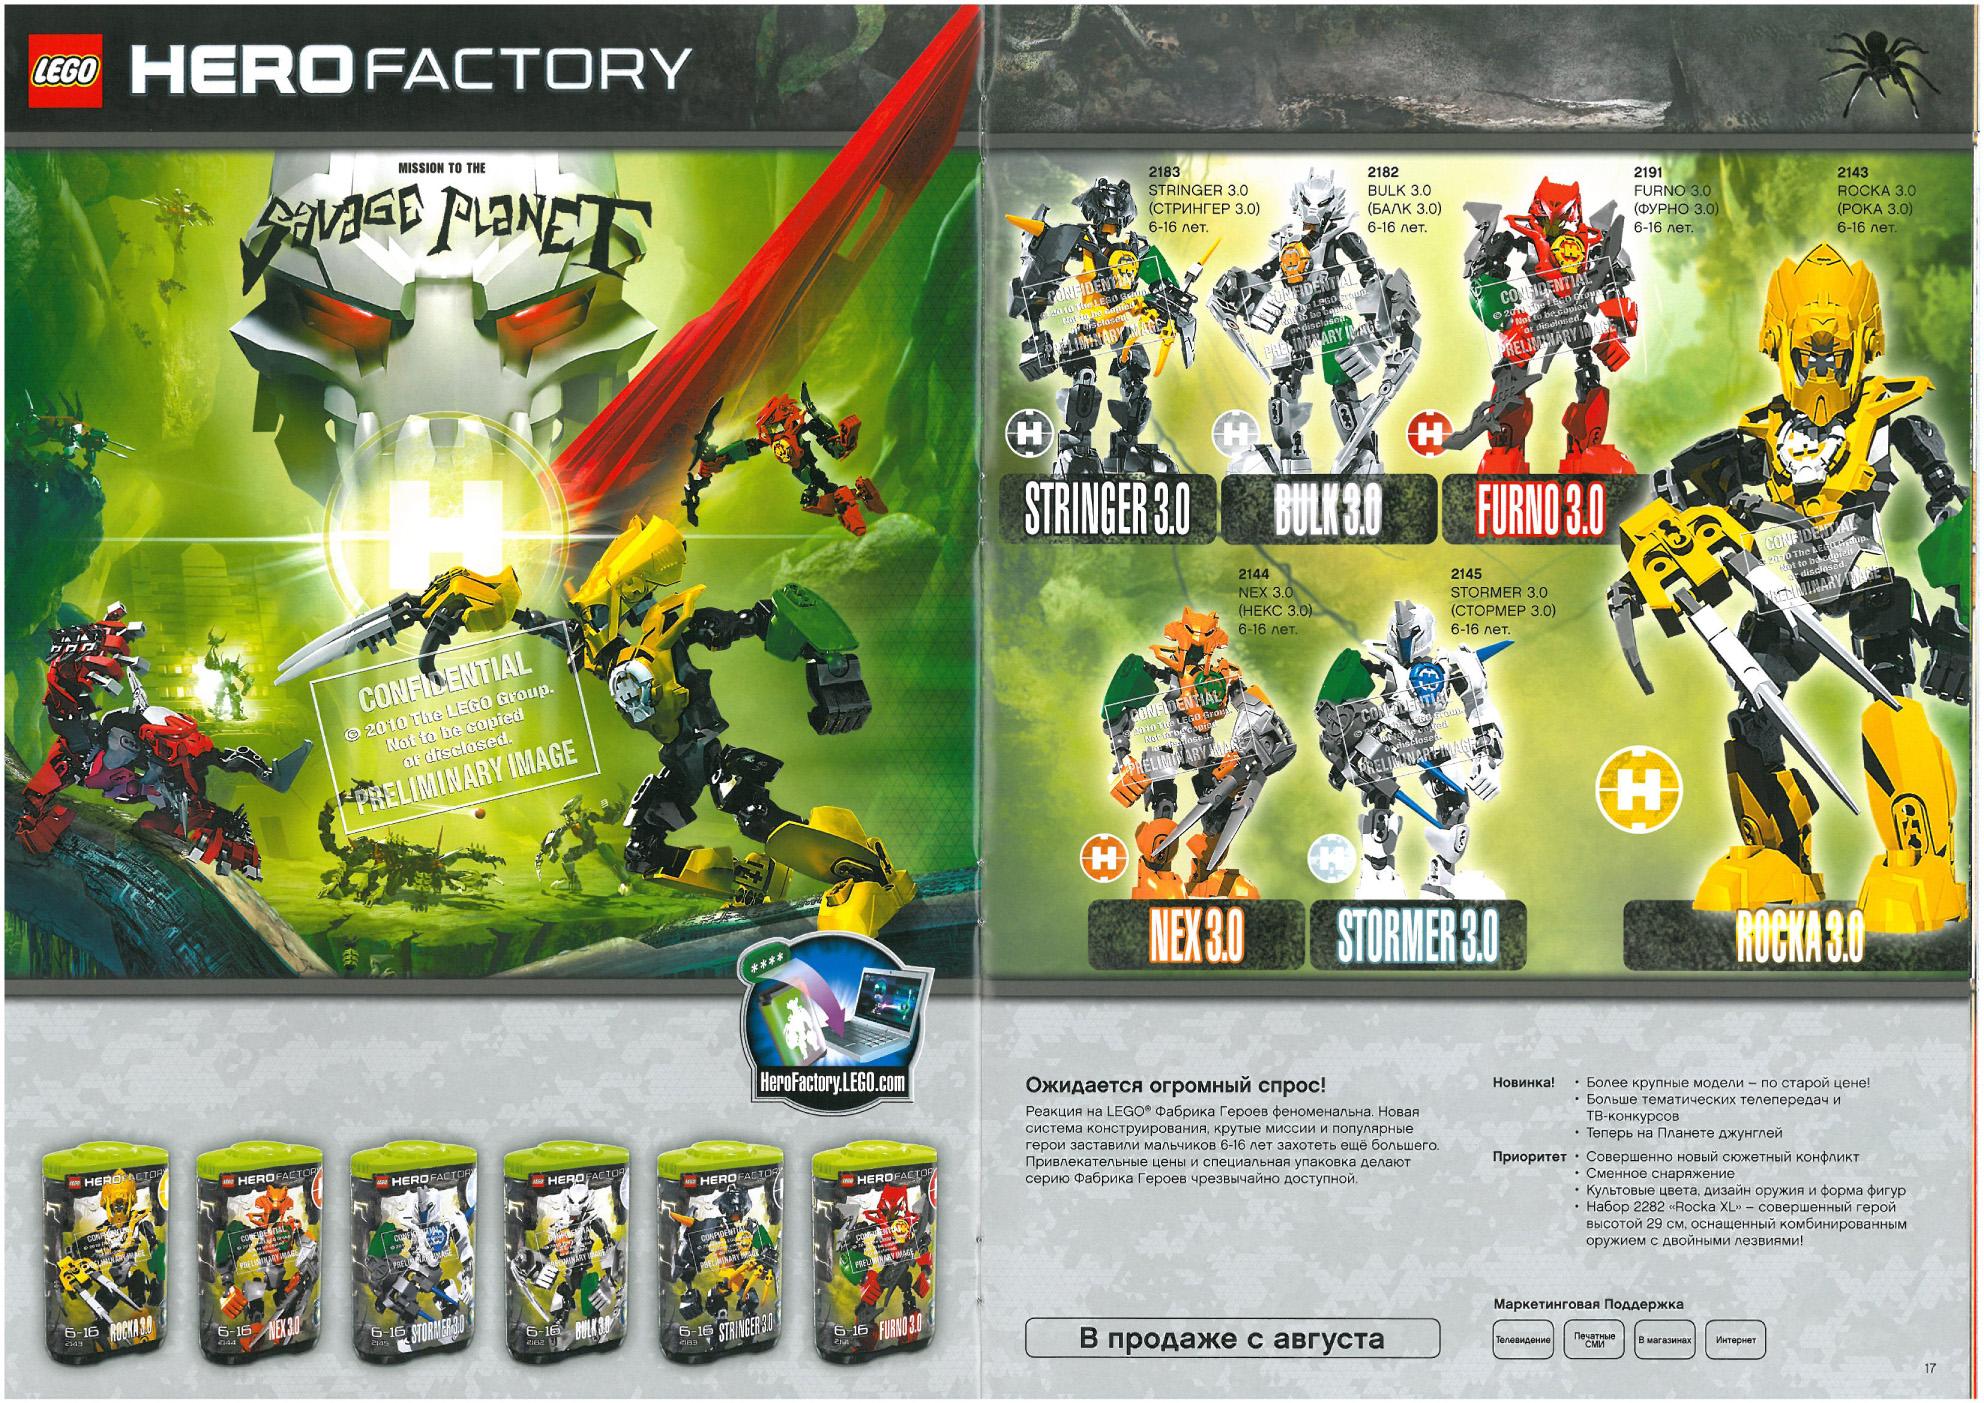 [Sets] Hero Factory 2011 : Photos de la vague 3.0 ! - Page 6 Page8